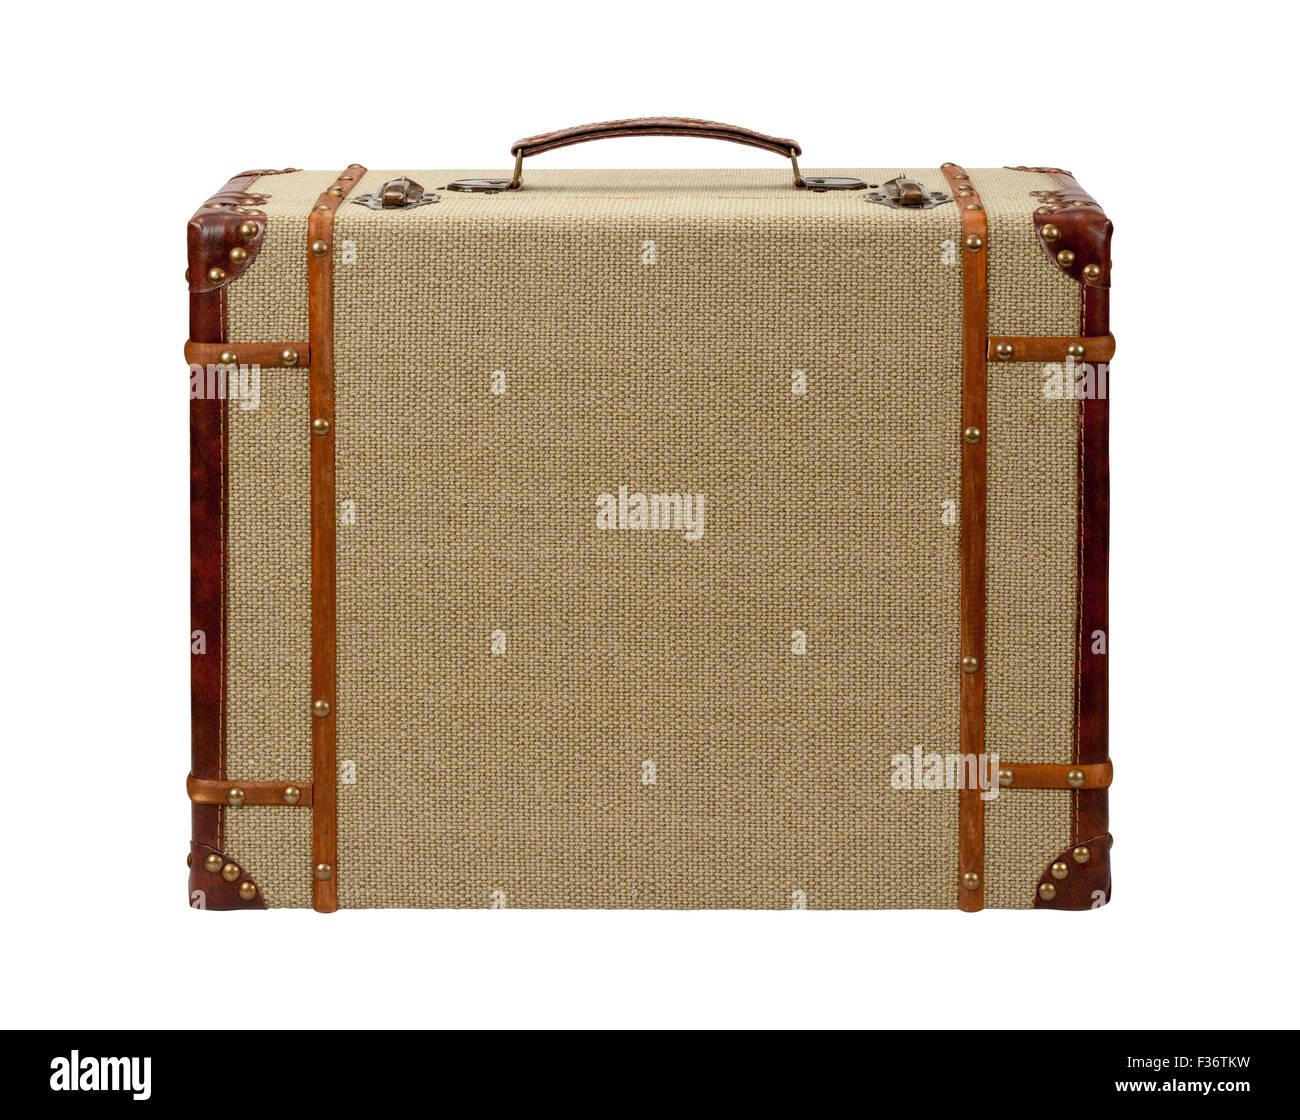 Valise de jute bois déco Photo Stock